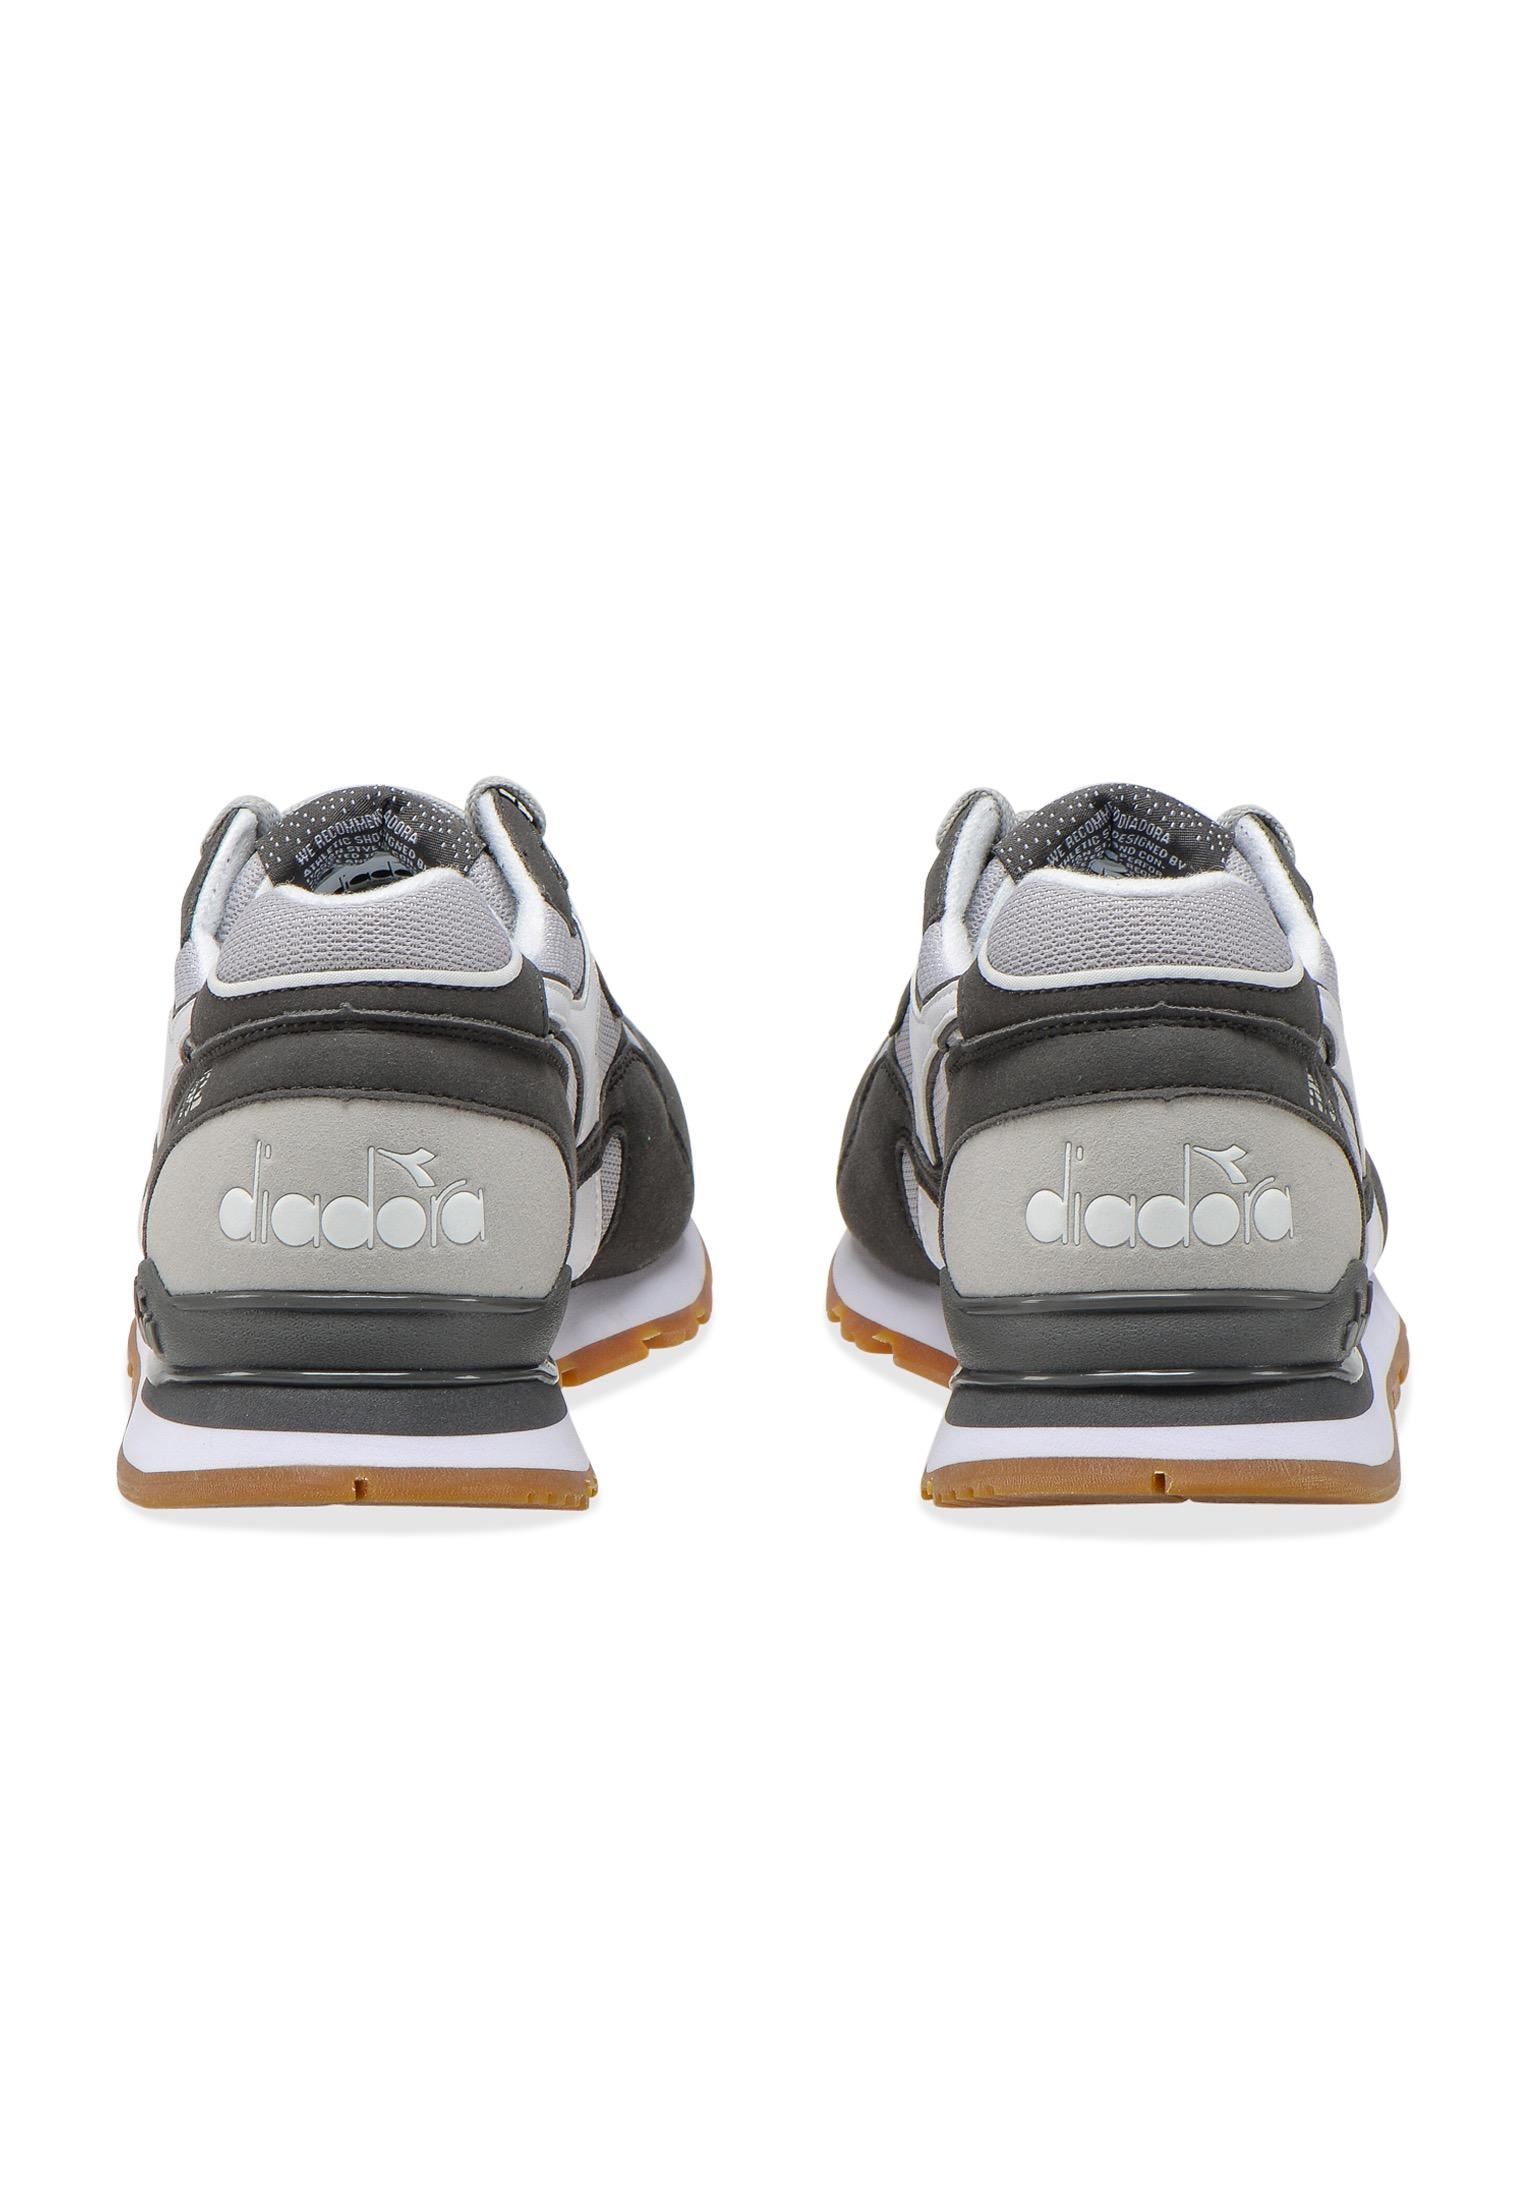 miniatura 49 - Diadora - Sneakers N.92 per uomo e donna